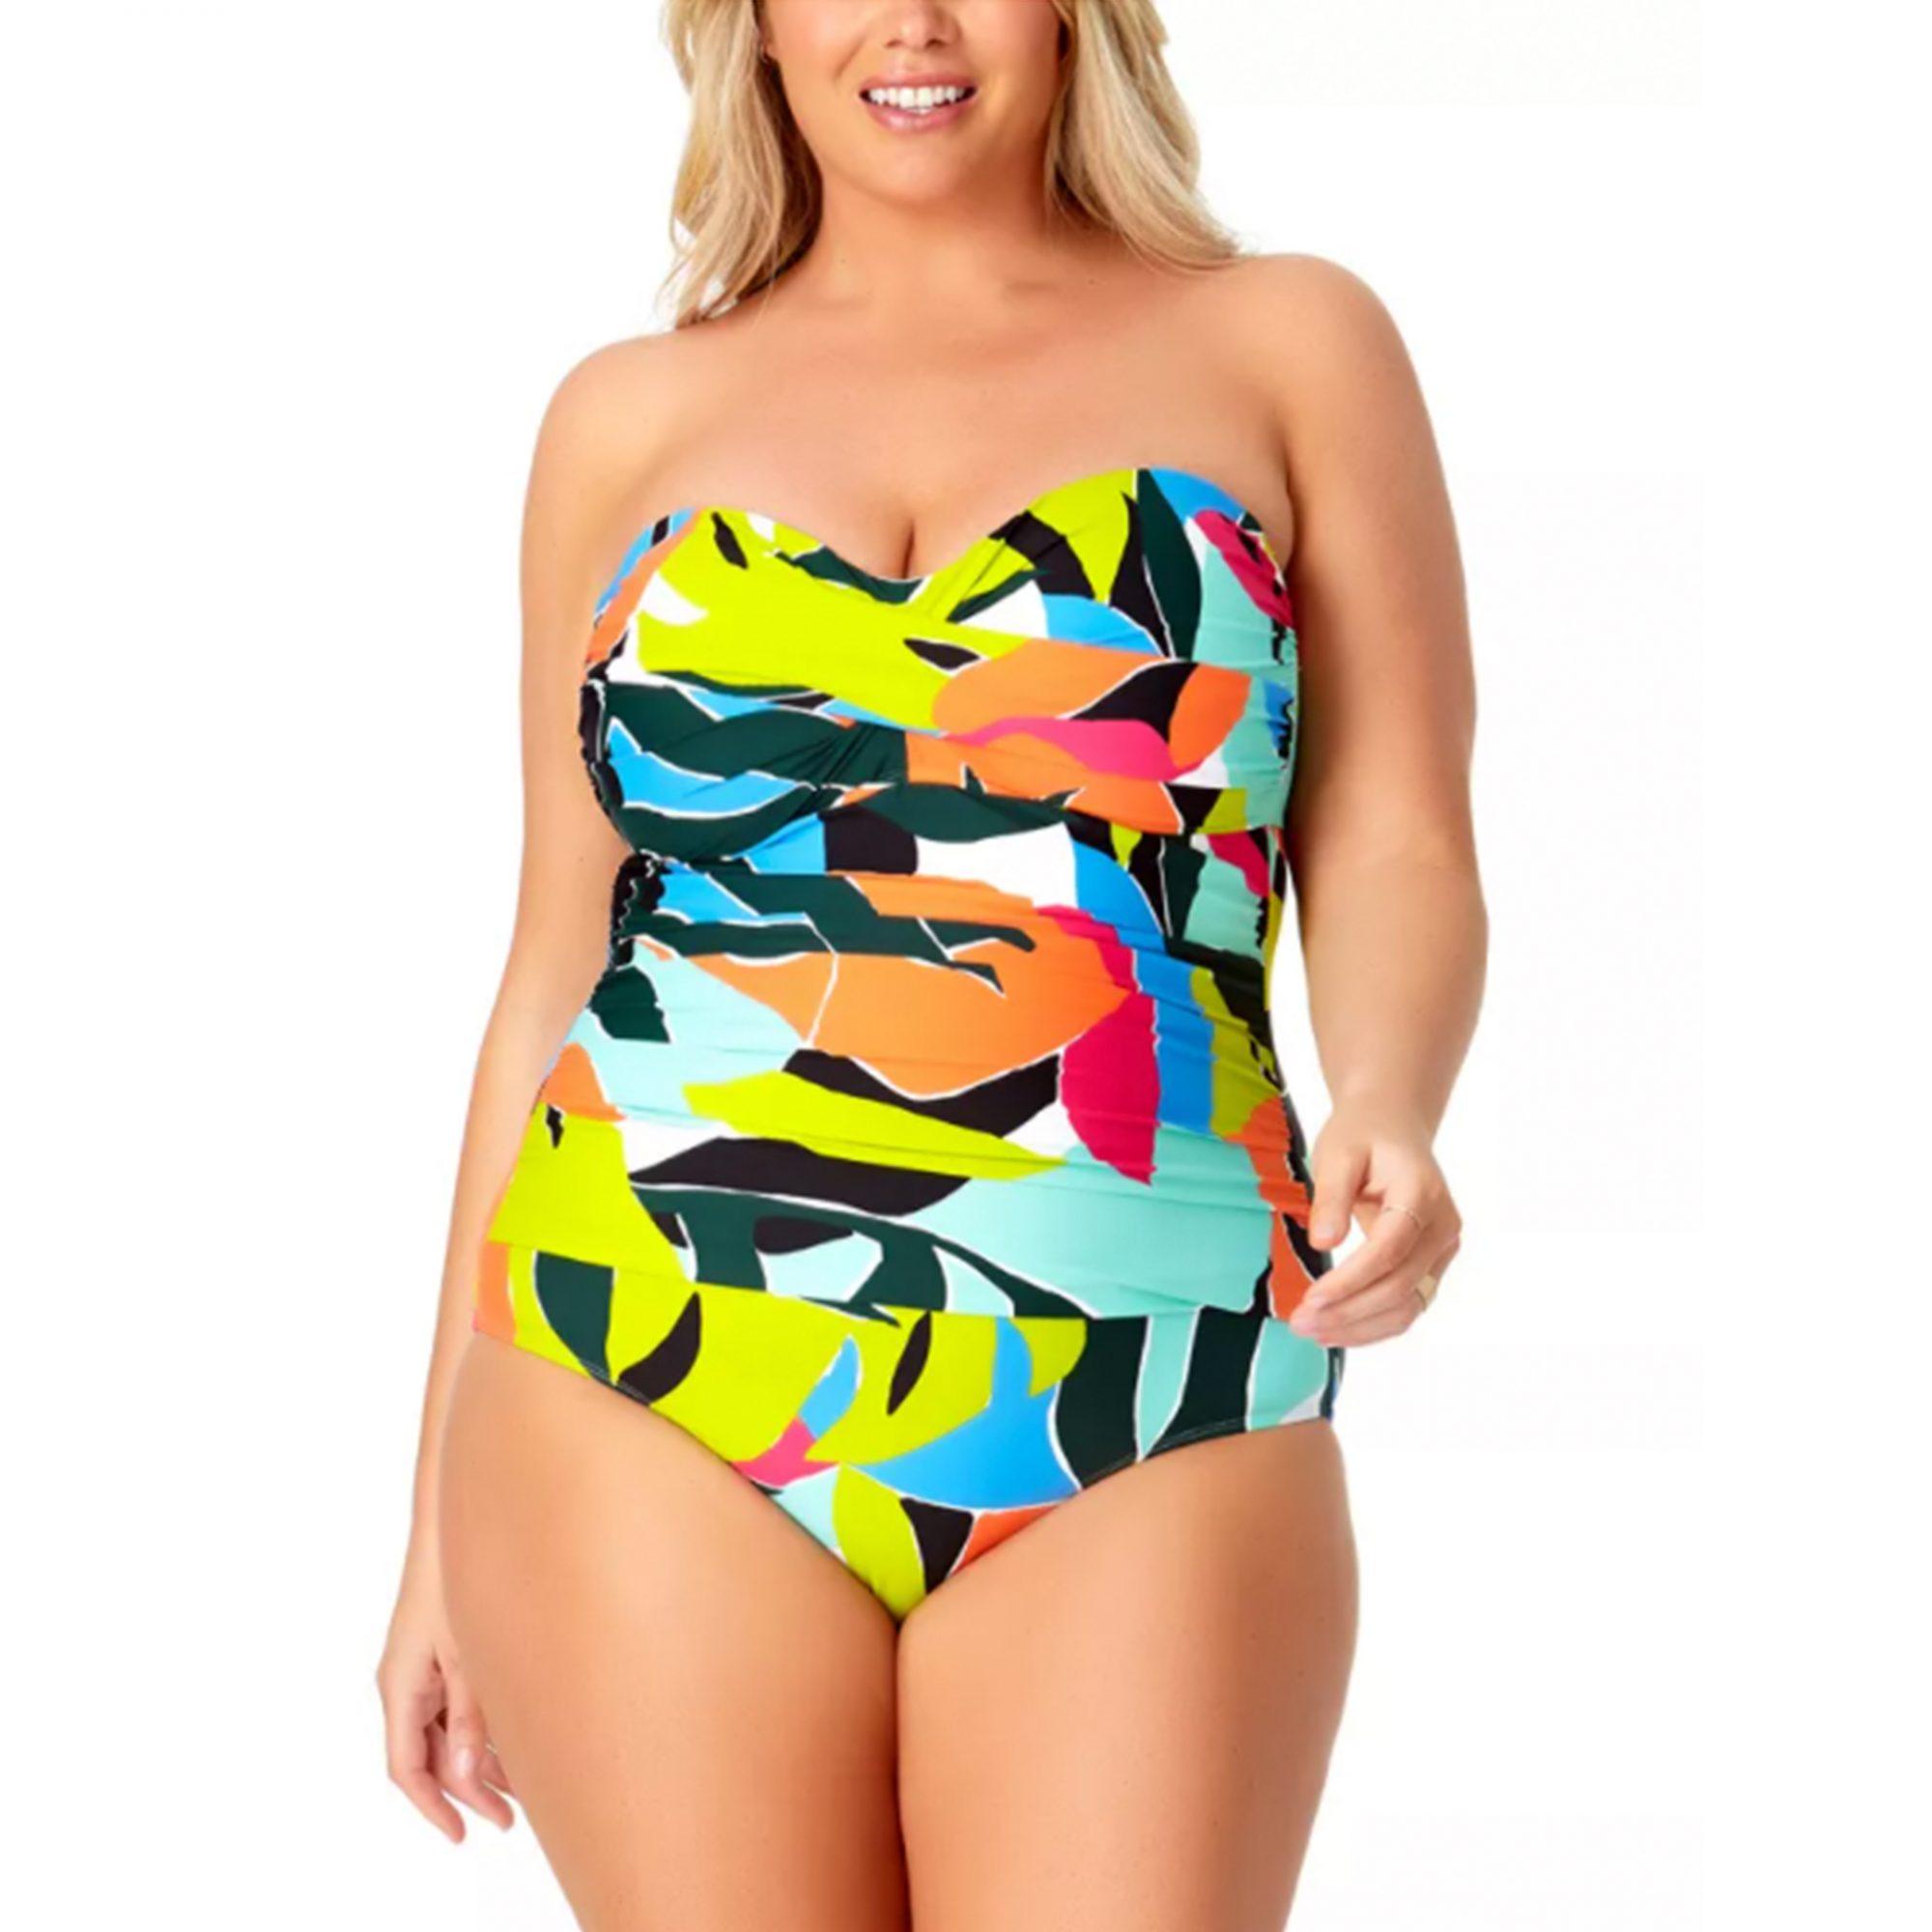 plus-size-swimsuit, strapless-plus-size-swimsuit